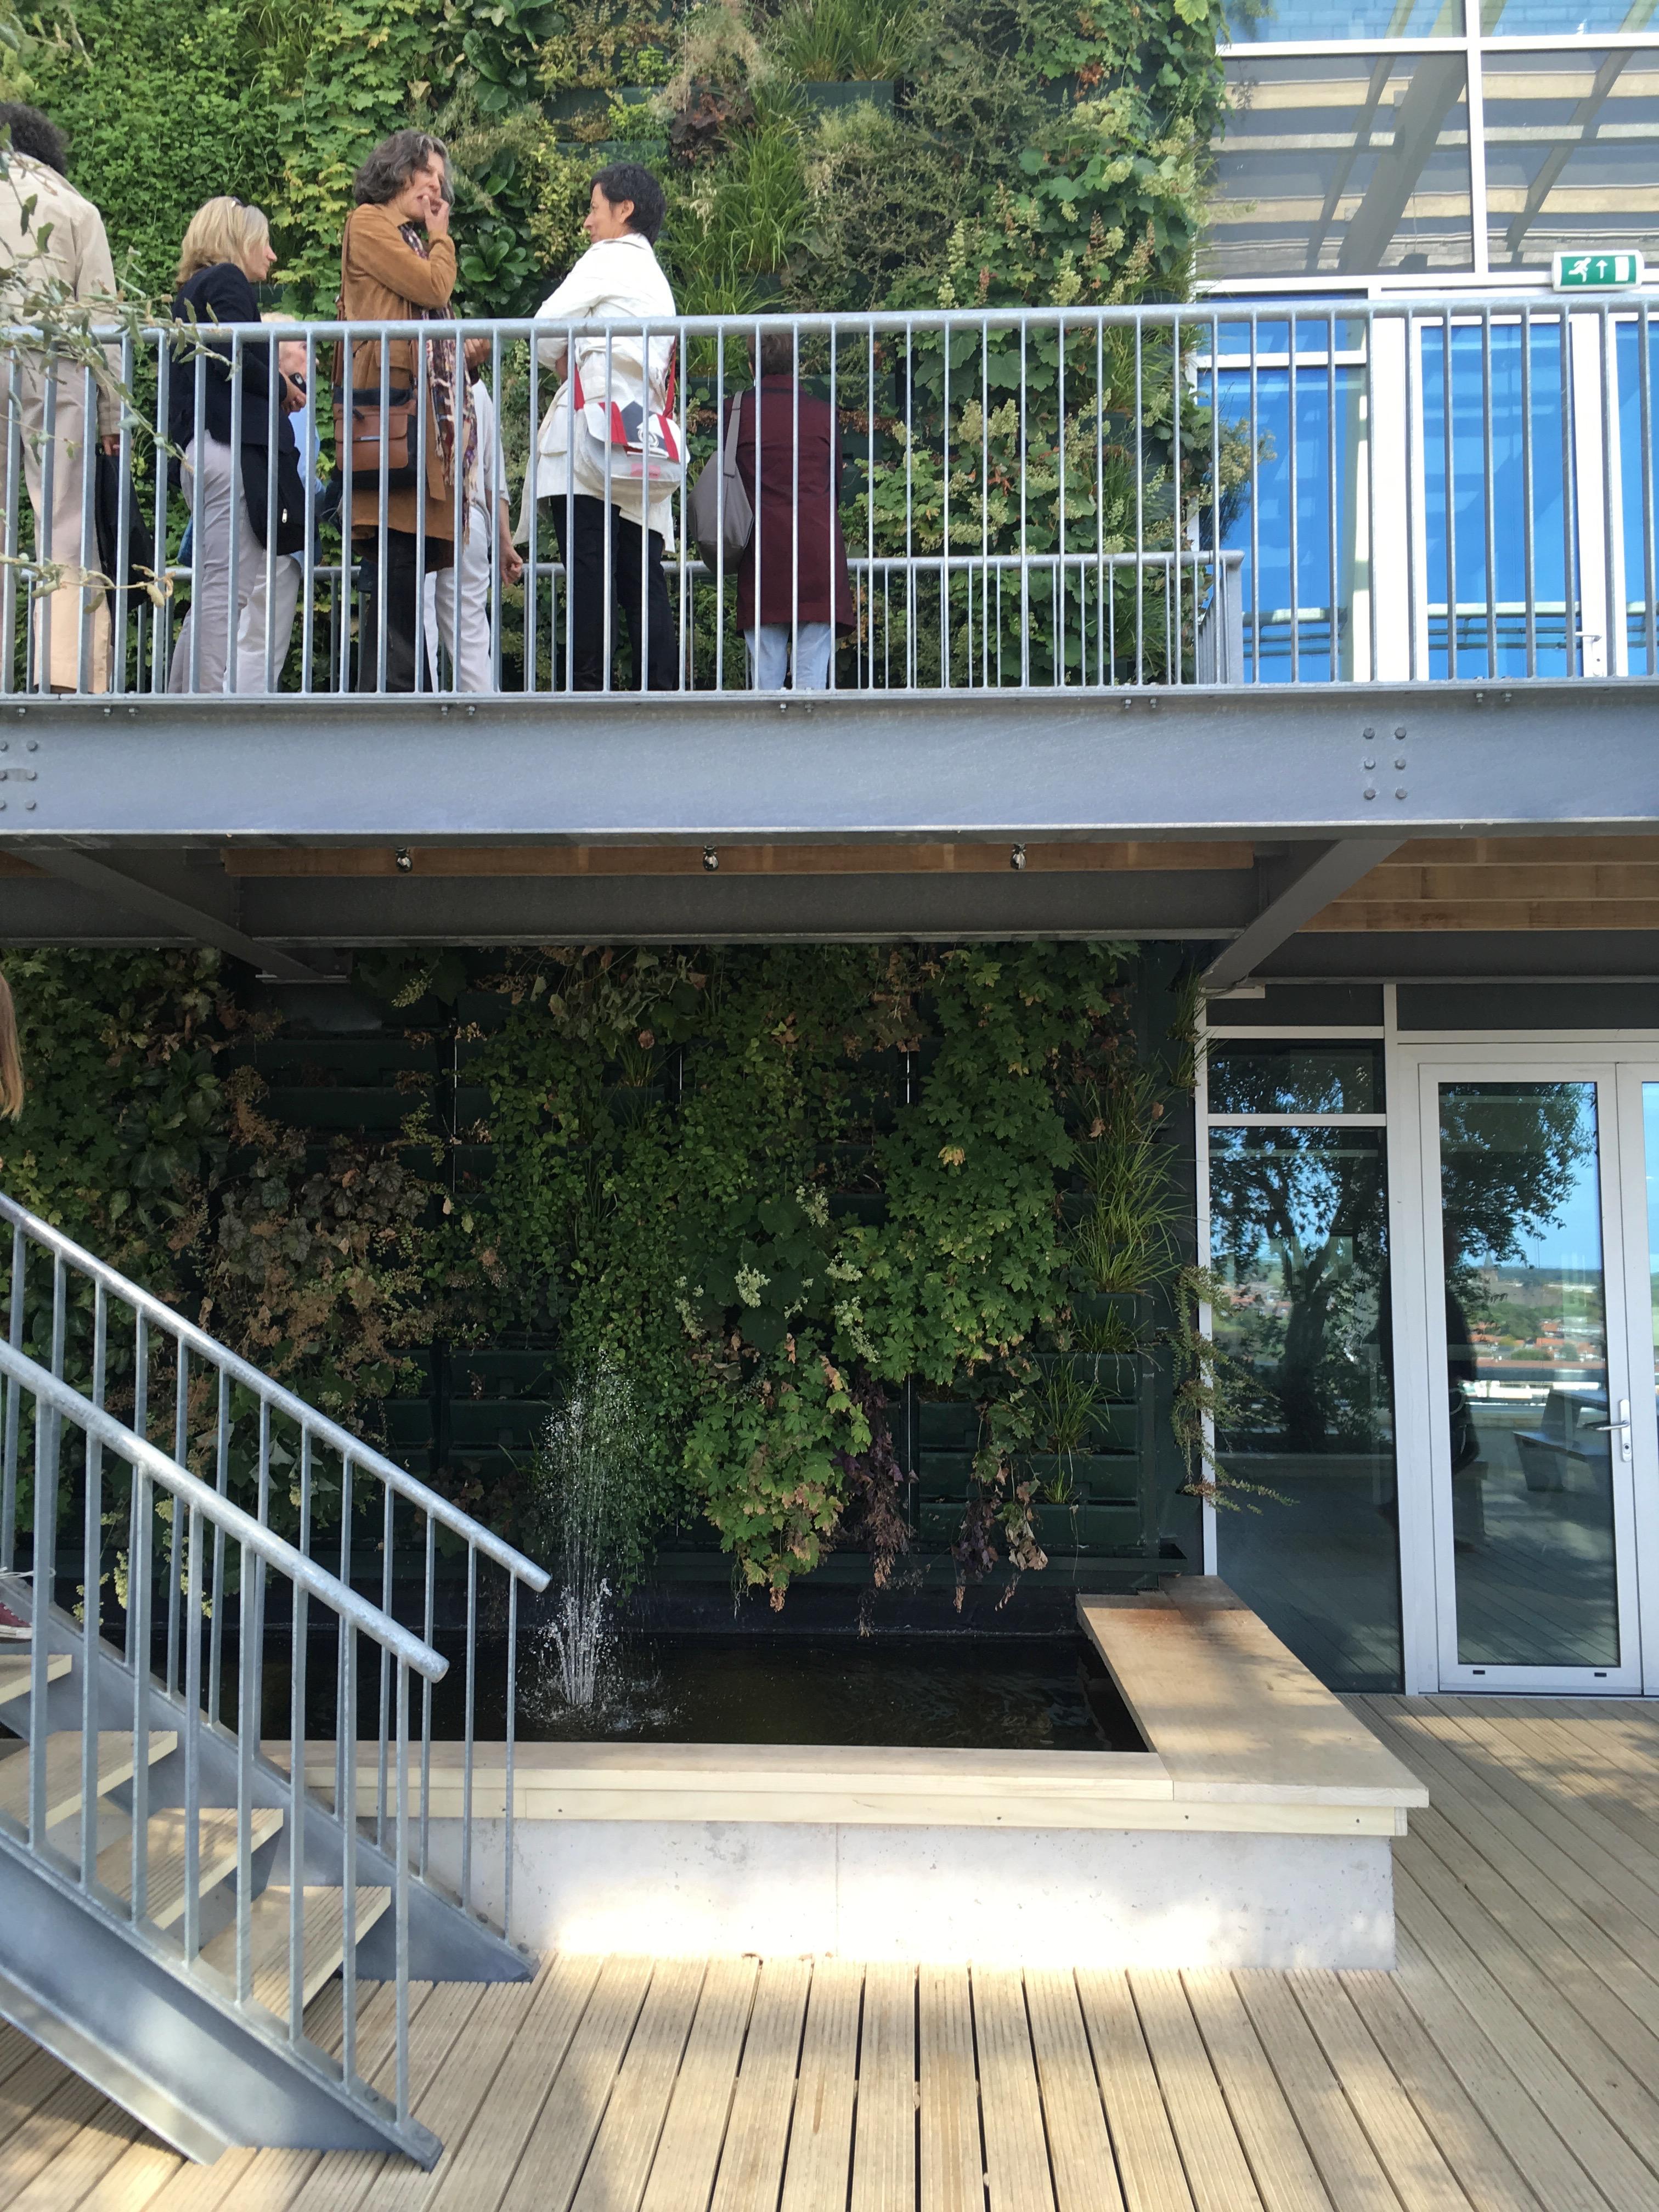 architektinnen initiative Exkursion Venlo Dachgarten